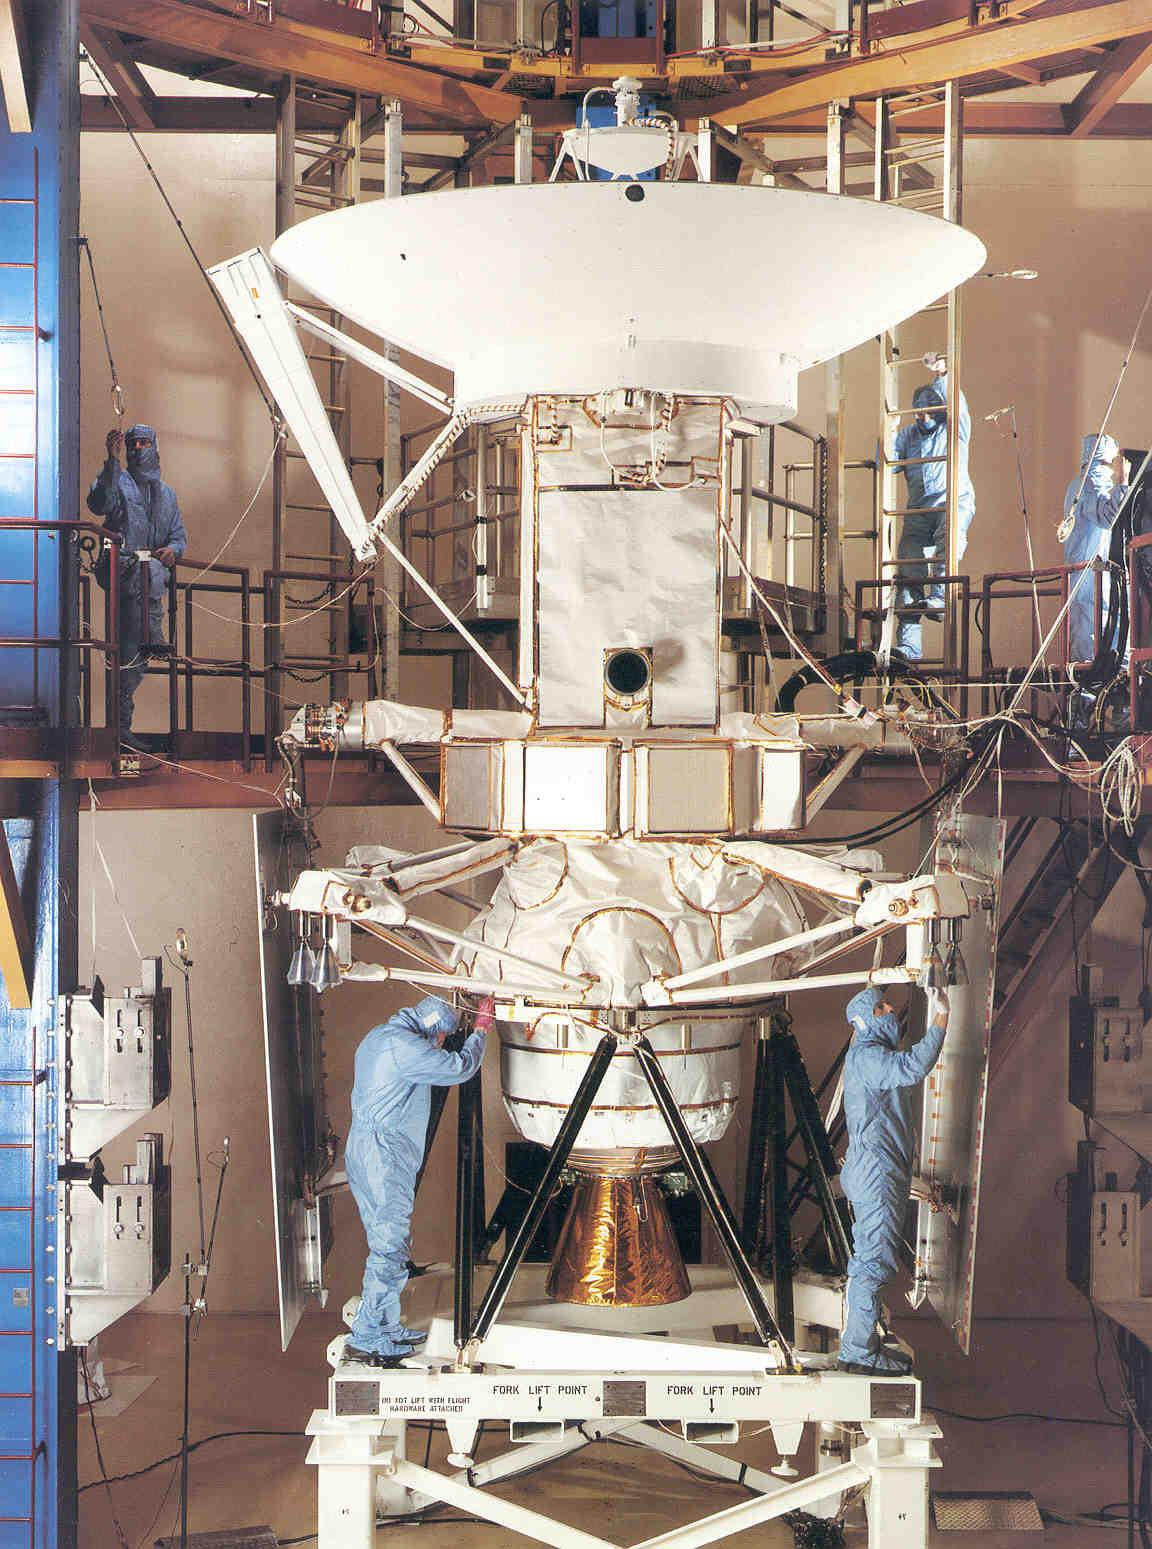 Magellan in processing, before IUS integration